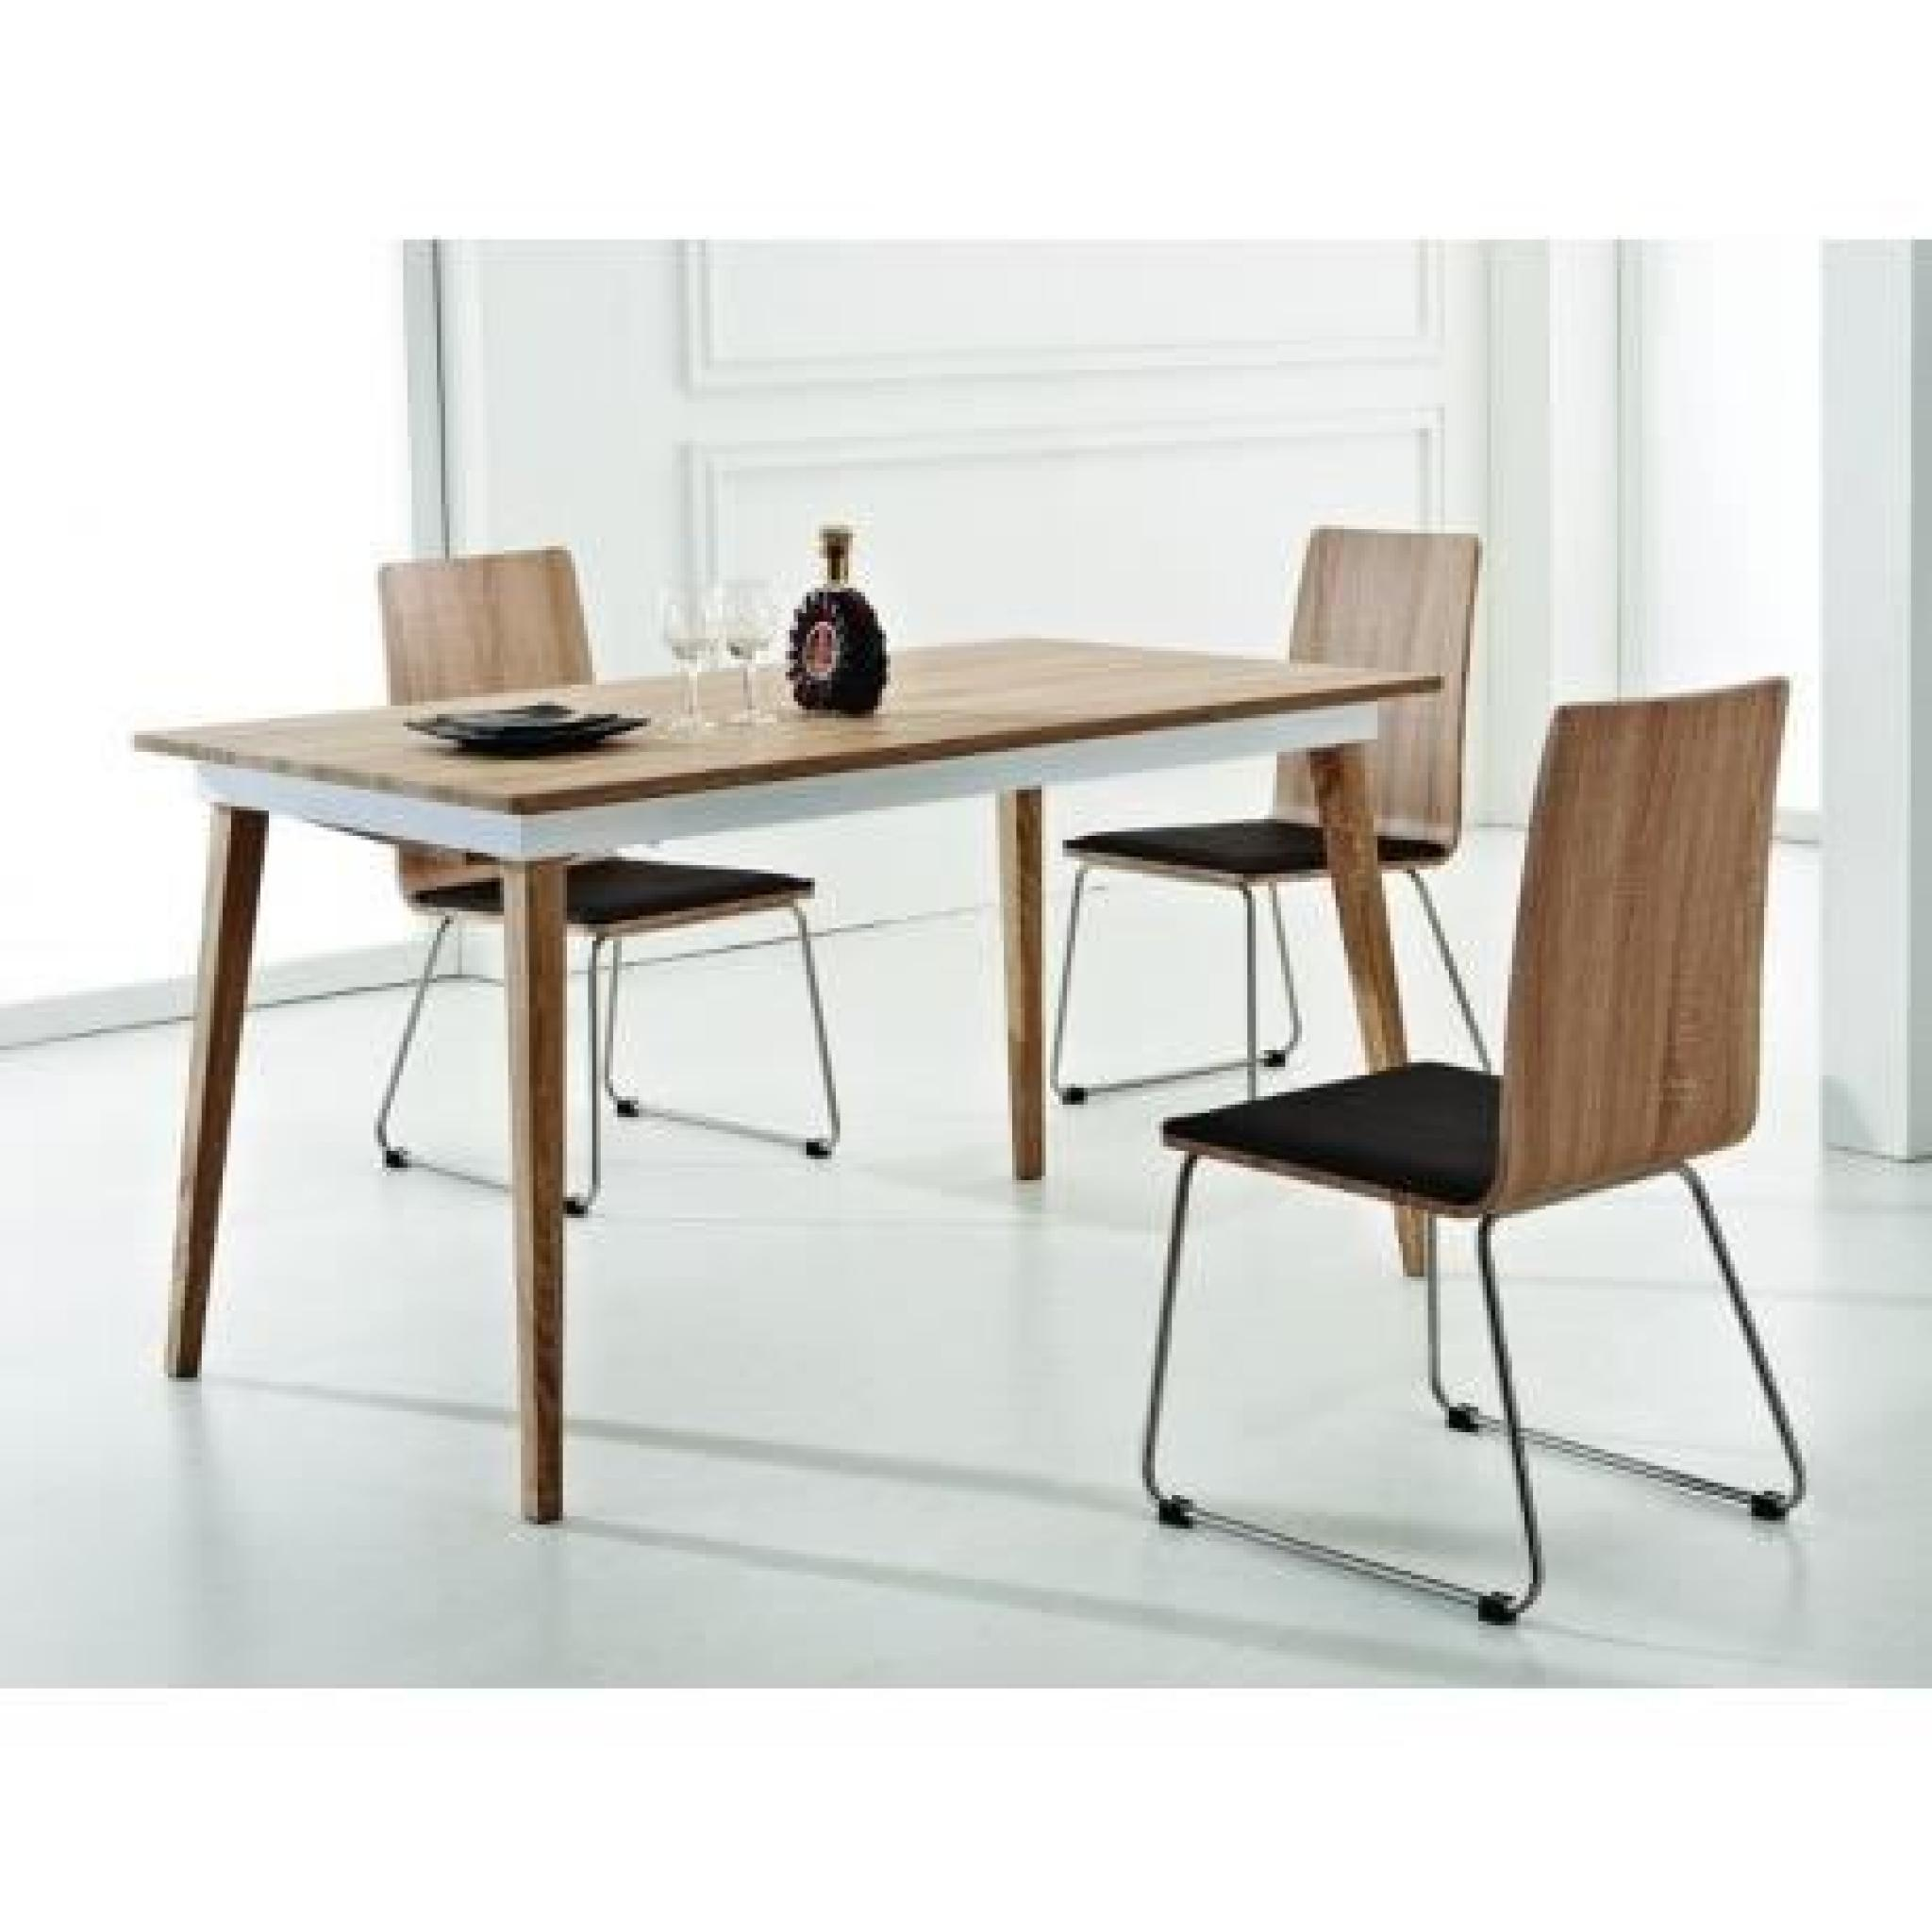 À Couverts Métal 6 Extensible Table Mdf 8 Et Woods HI9YWE2D